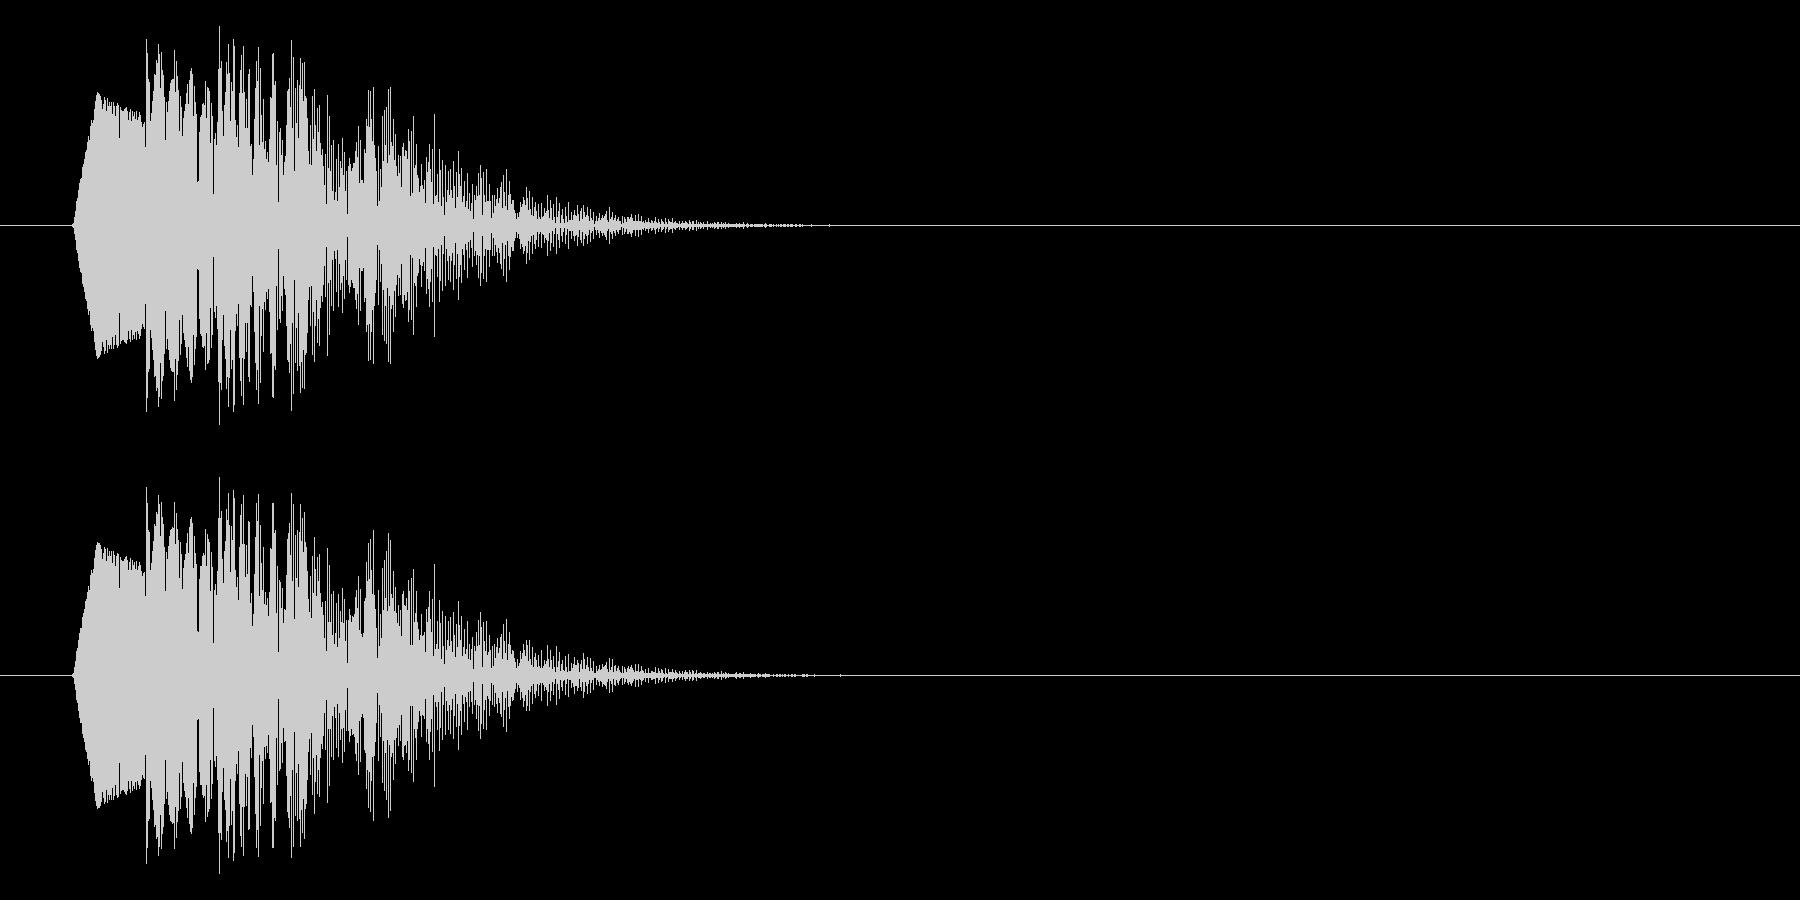 ポップな下降音/低め/残念/キャンセルの未再生の波形